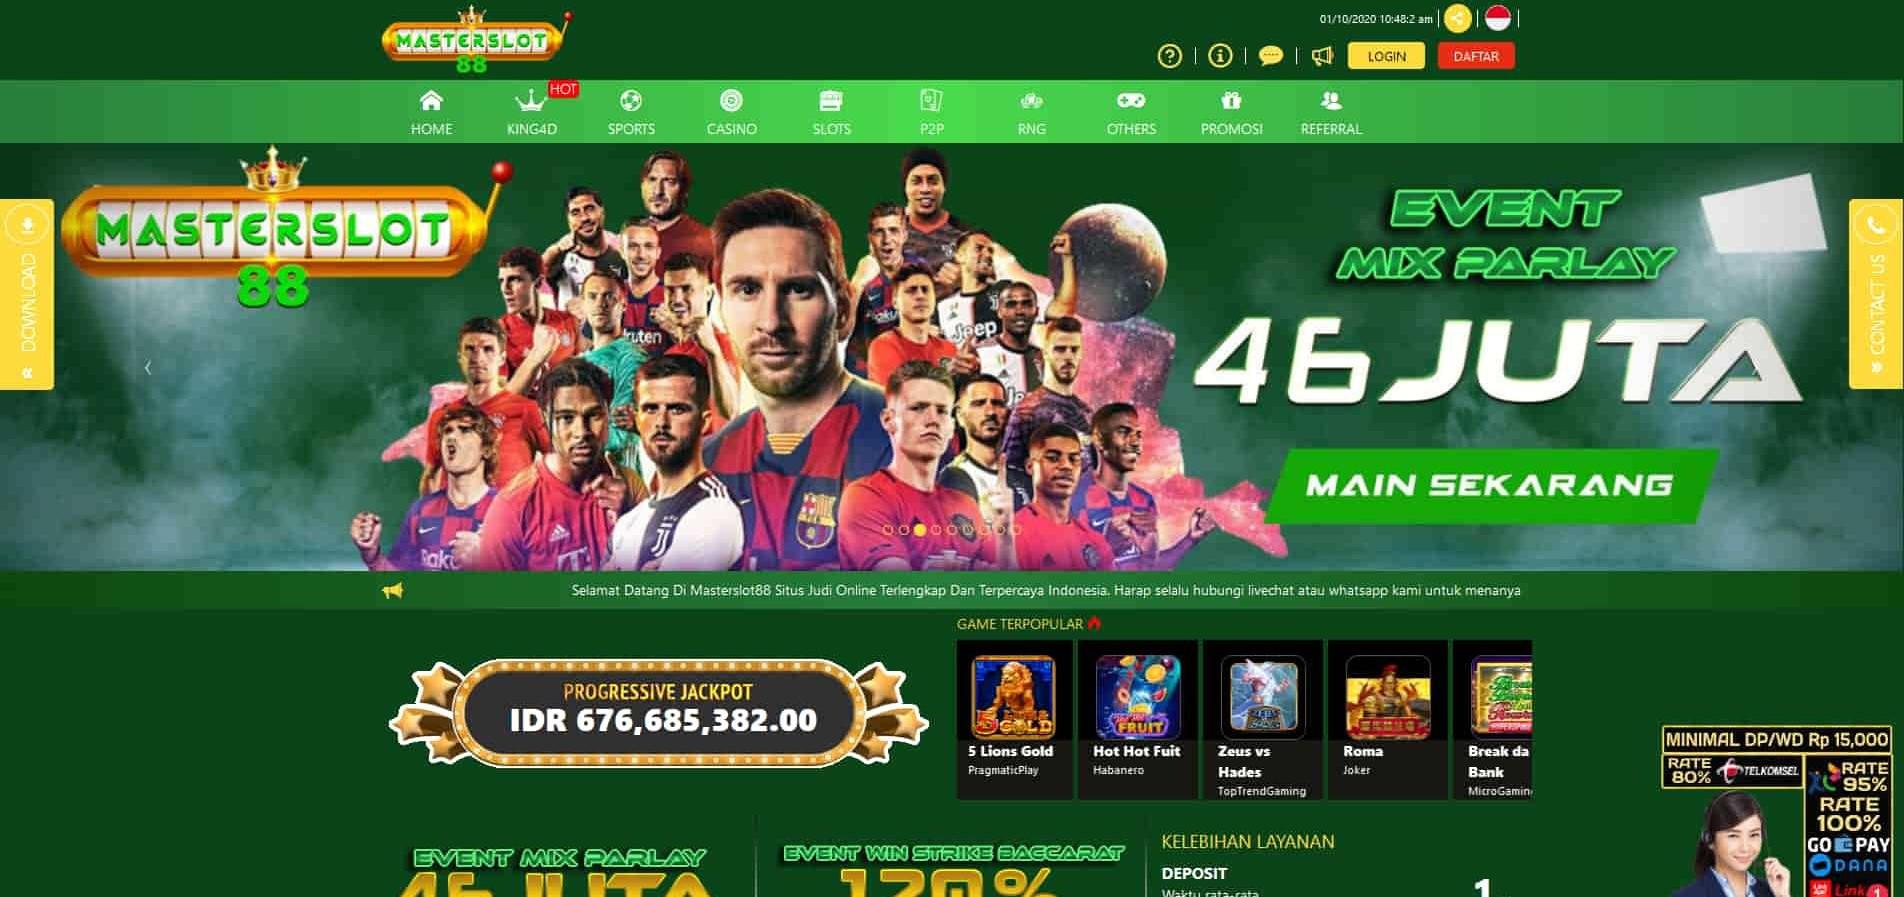 Jual Tiket Masterslot88 Situs Slot Online Deposit Pulsa Tanpa Potongan Loket Com